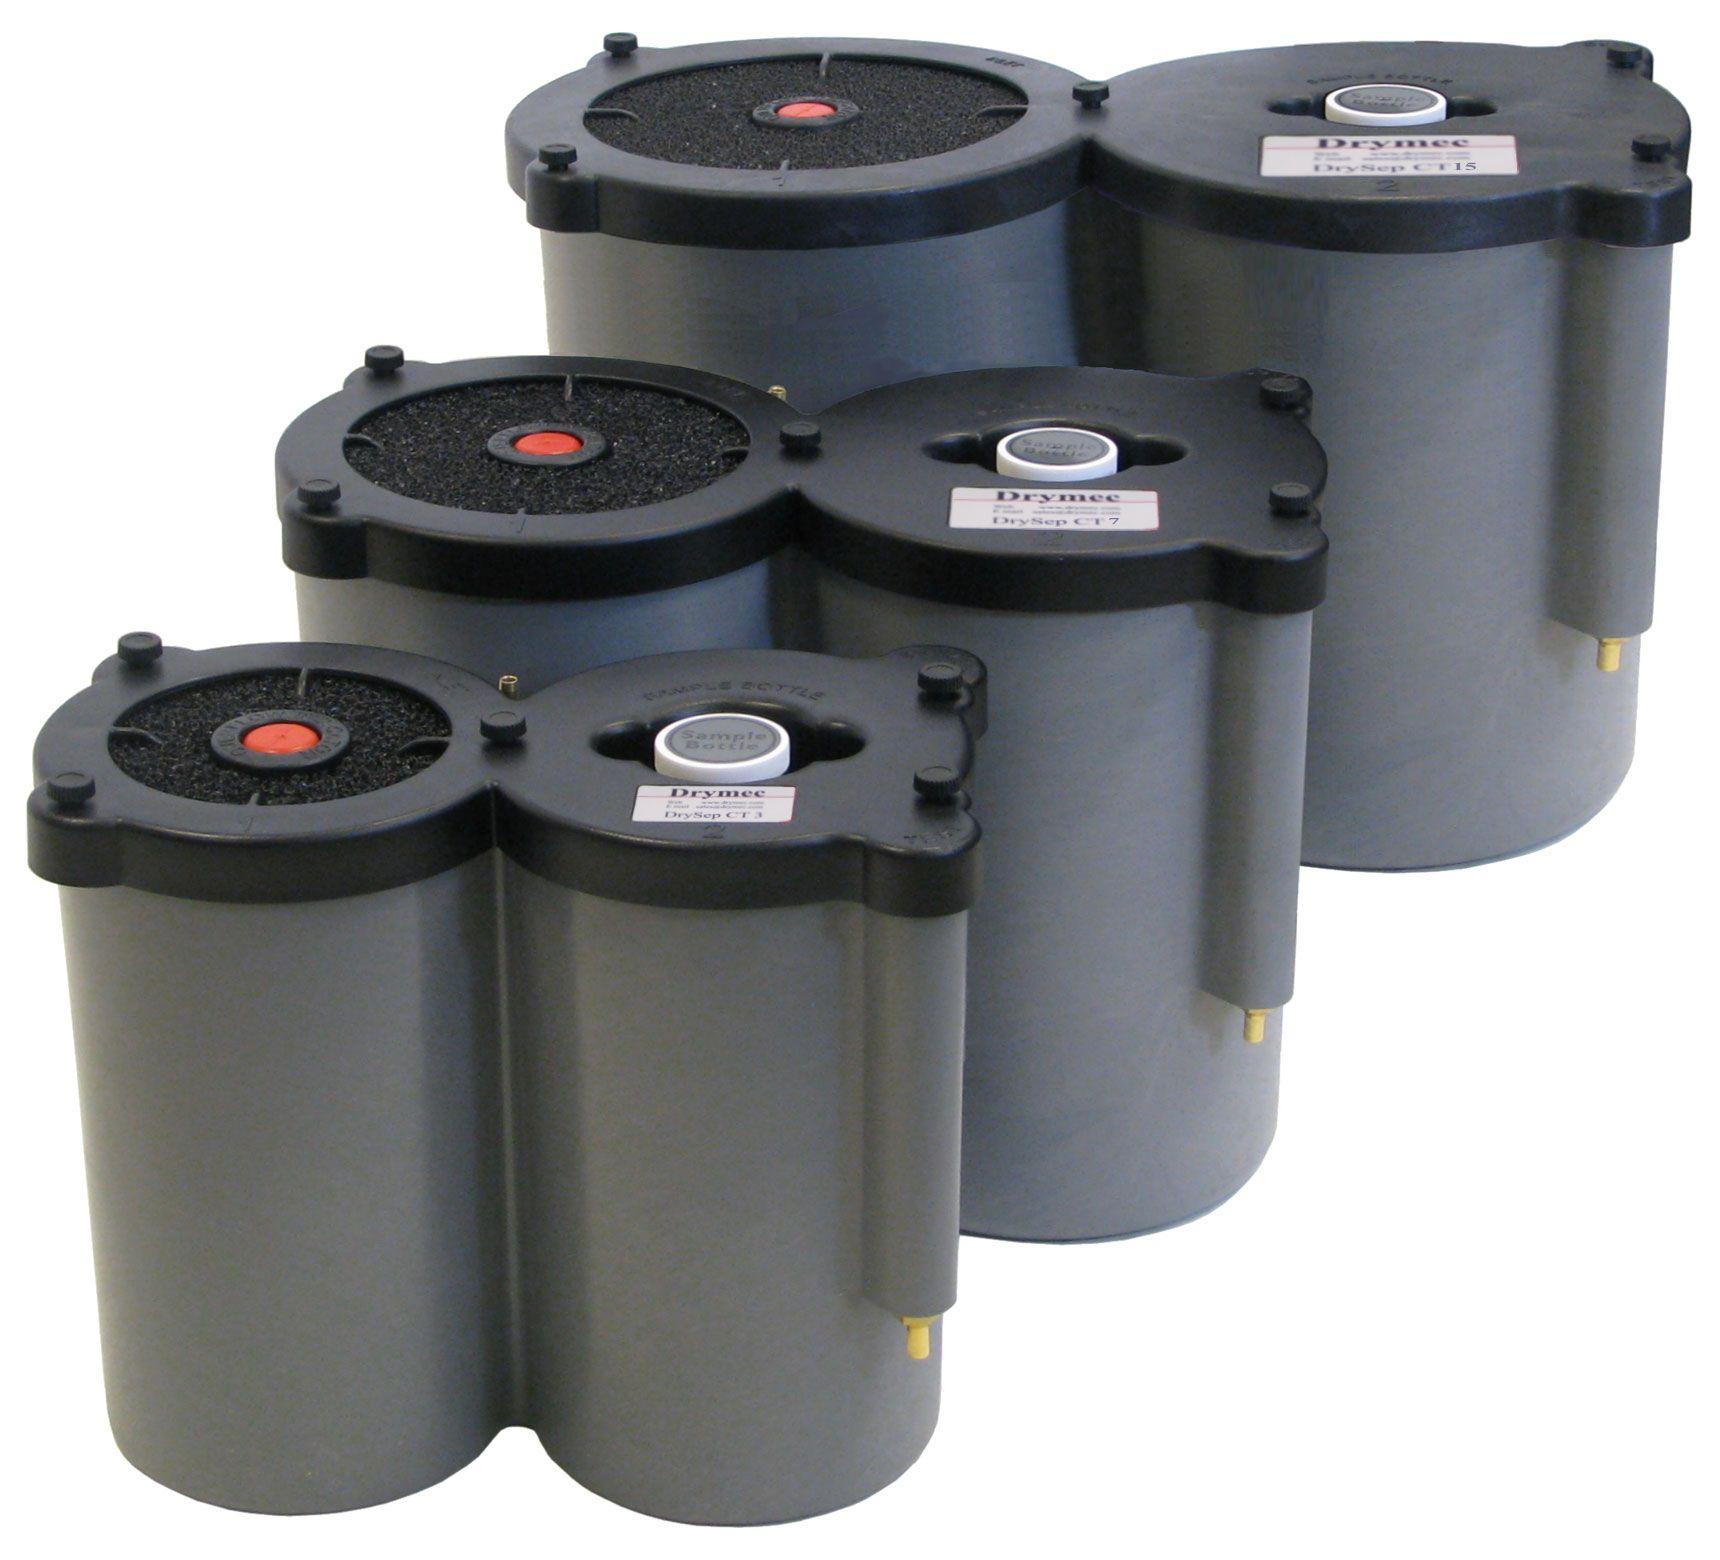 drymec-oil-water-separators